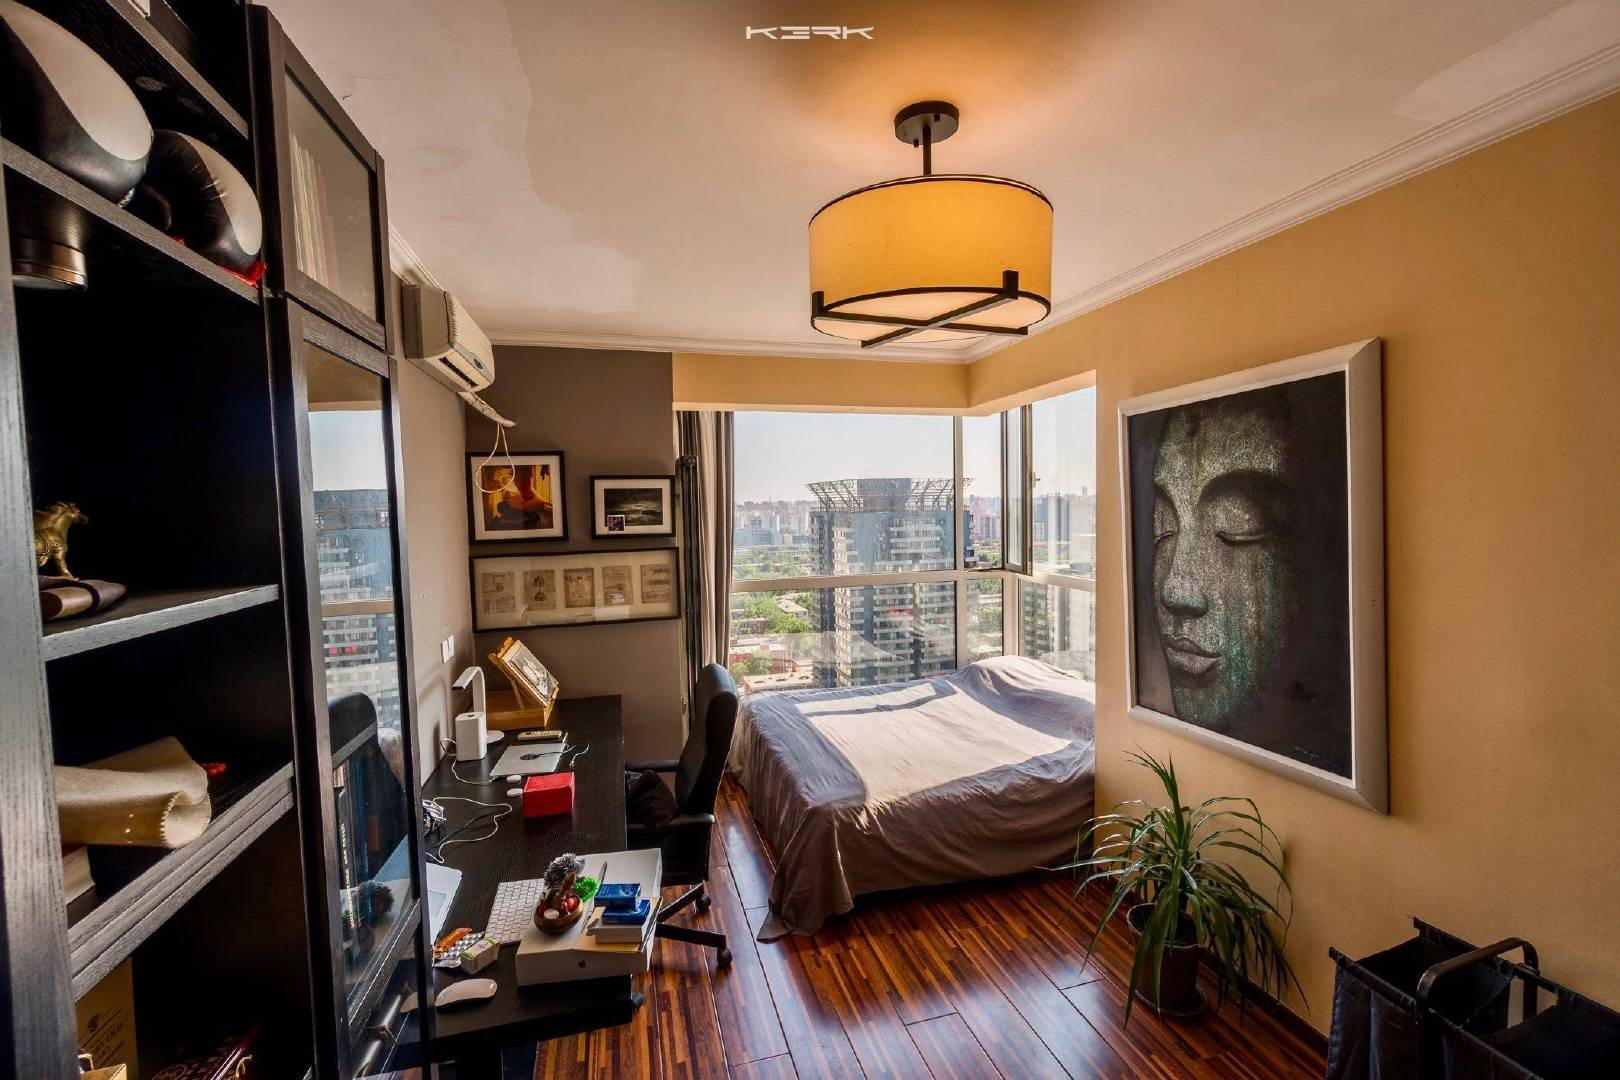 Serge本人的房间✨